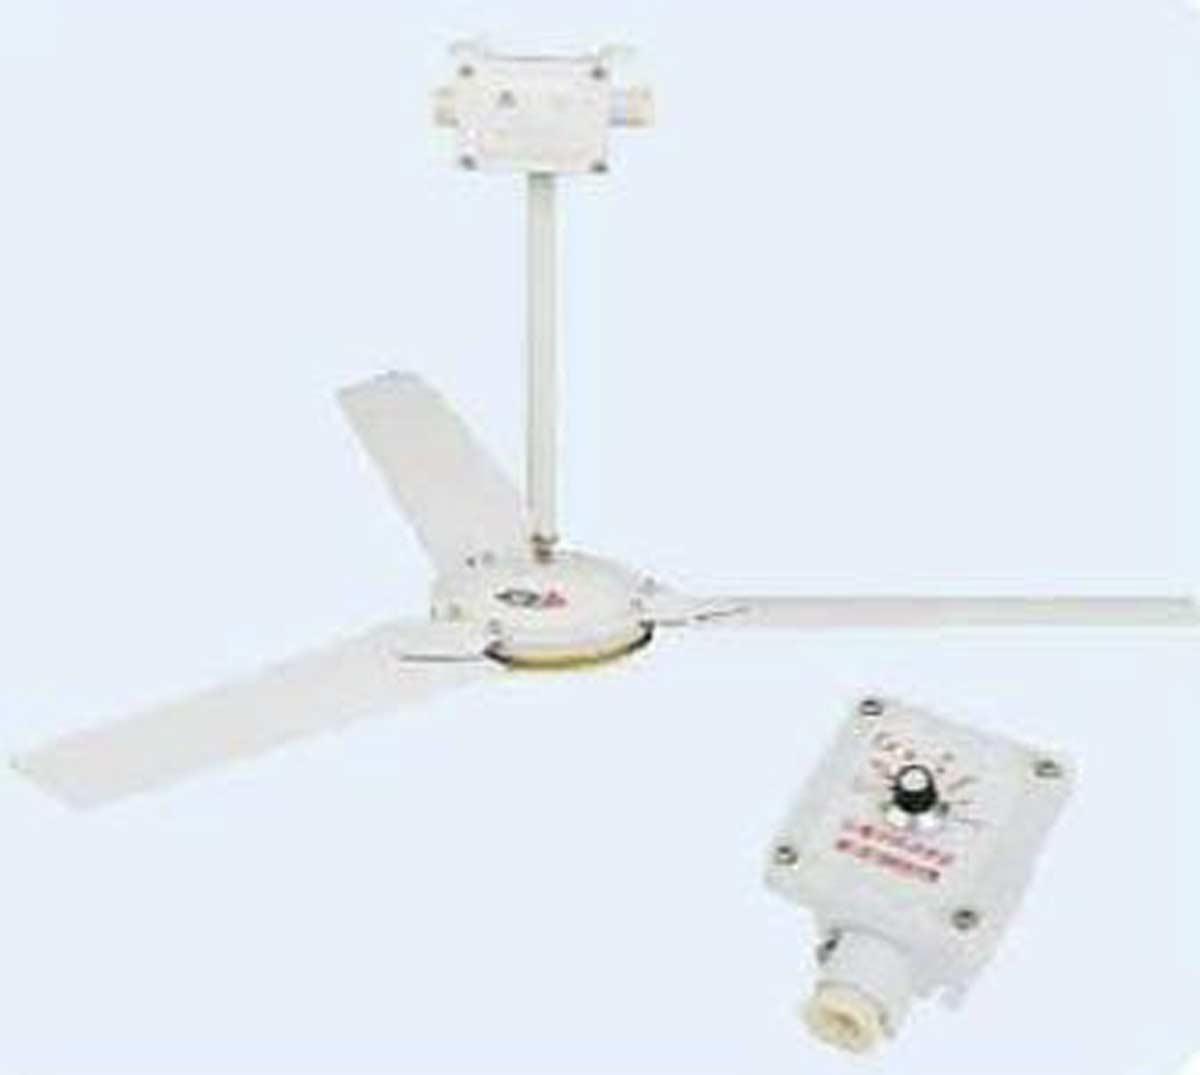 吊扇调速器供用户调整风速之用